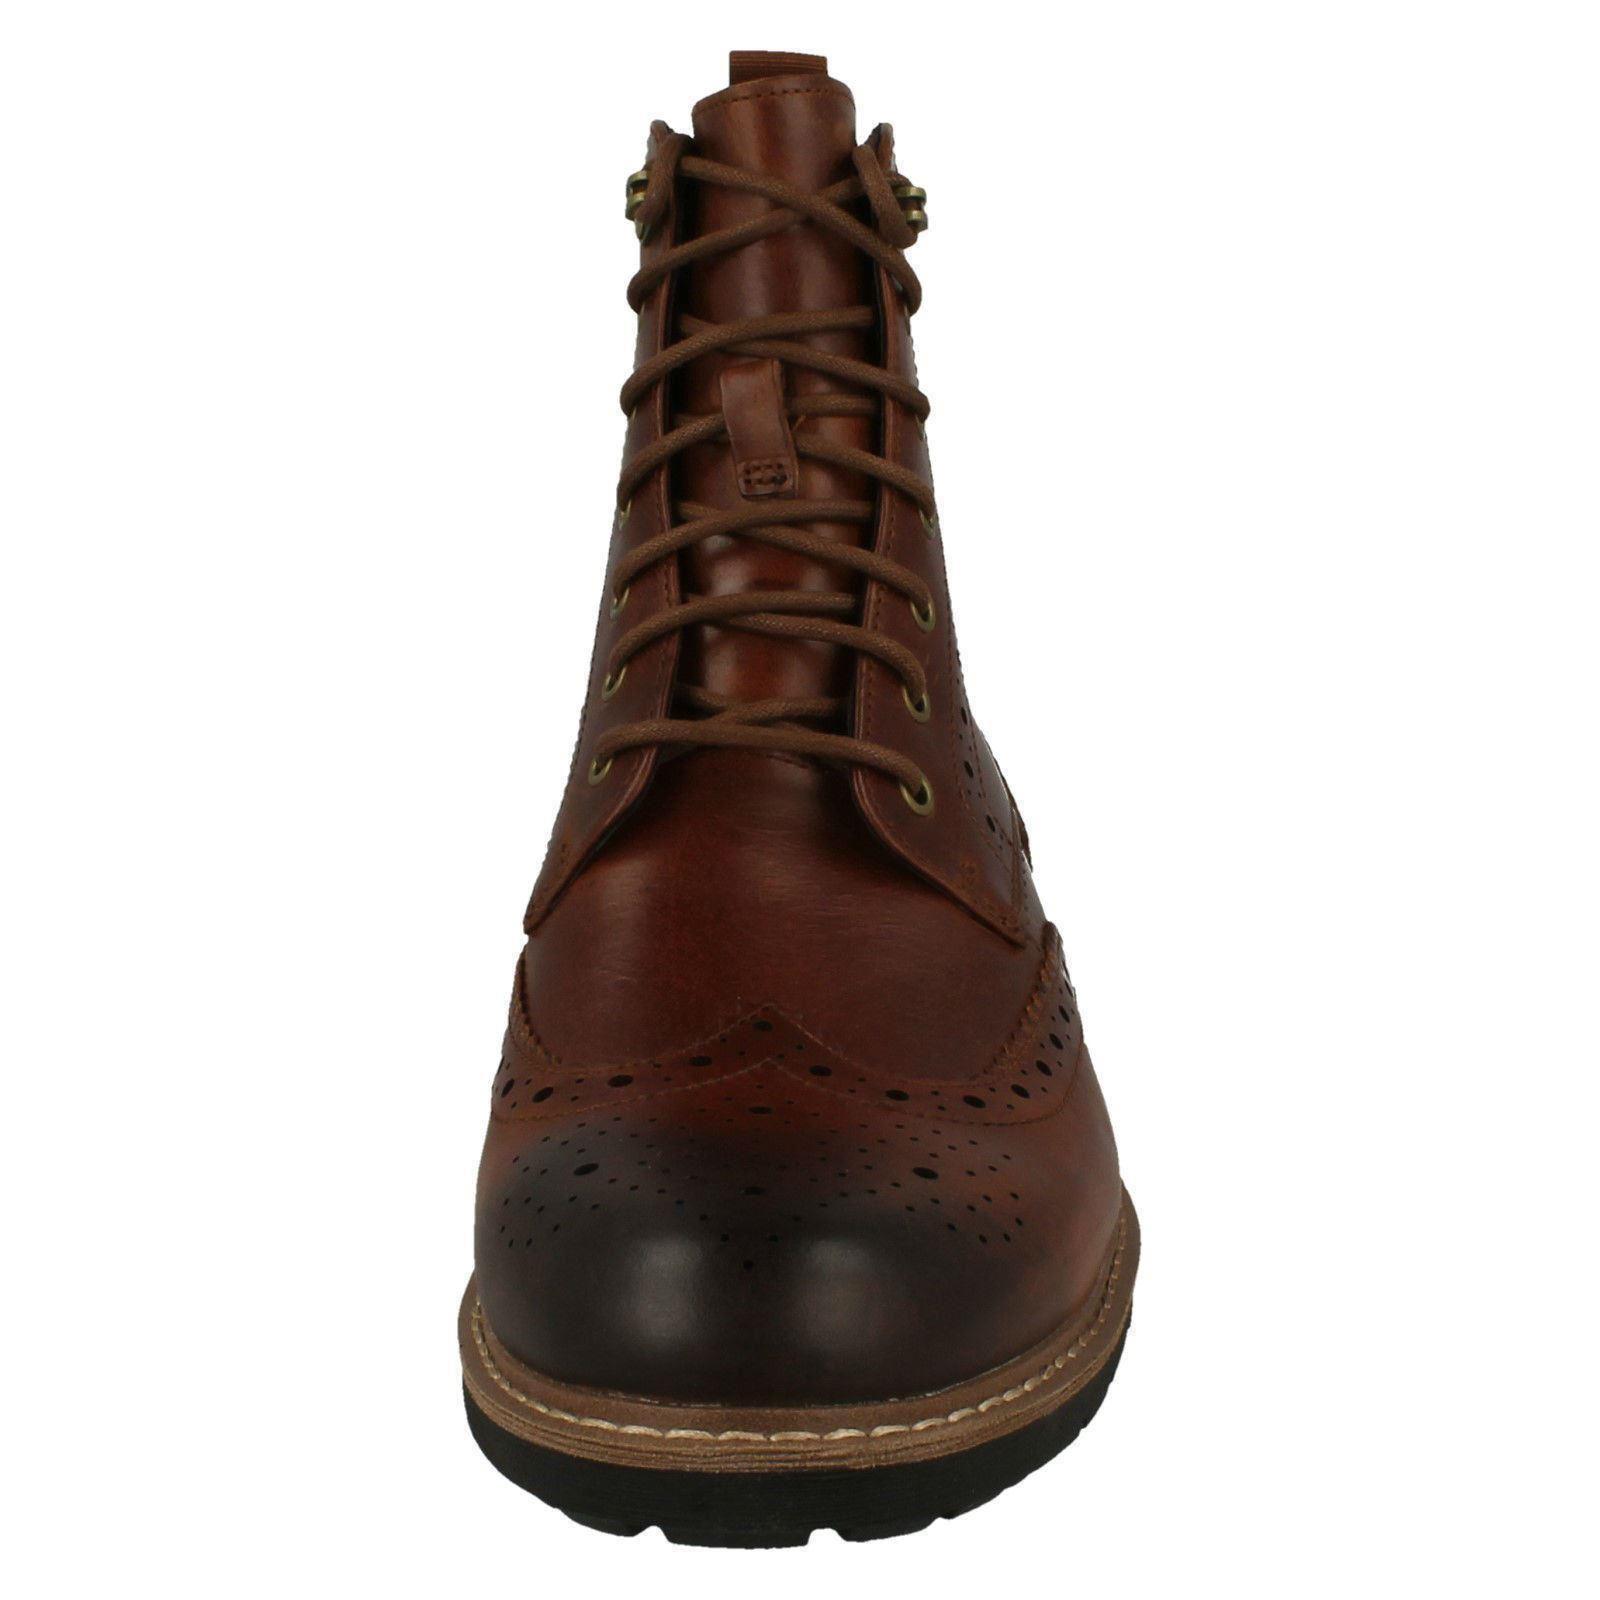 Tobillo Boots Lord Clarks Oxford Hombre batcombe Zapato qwx0RItf